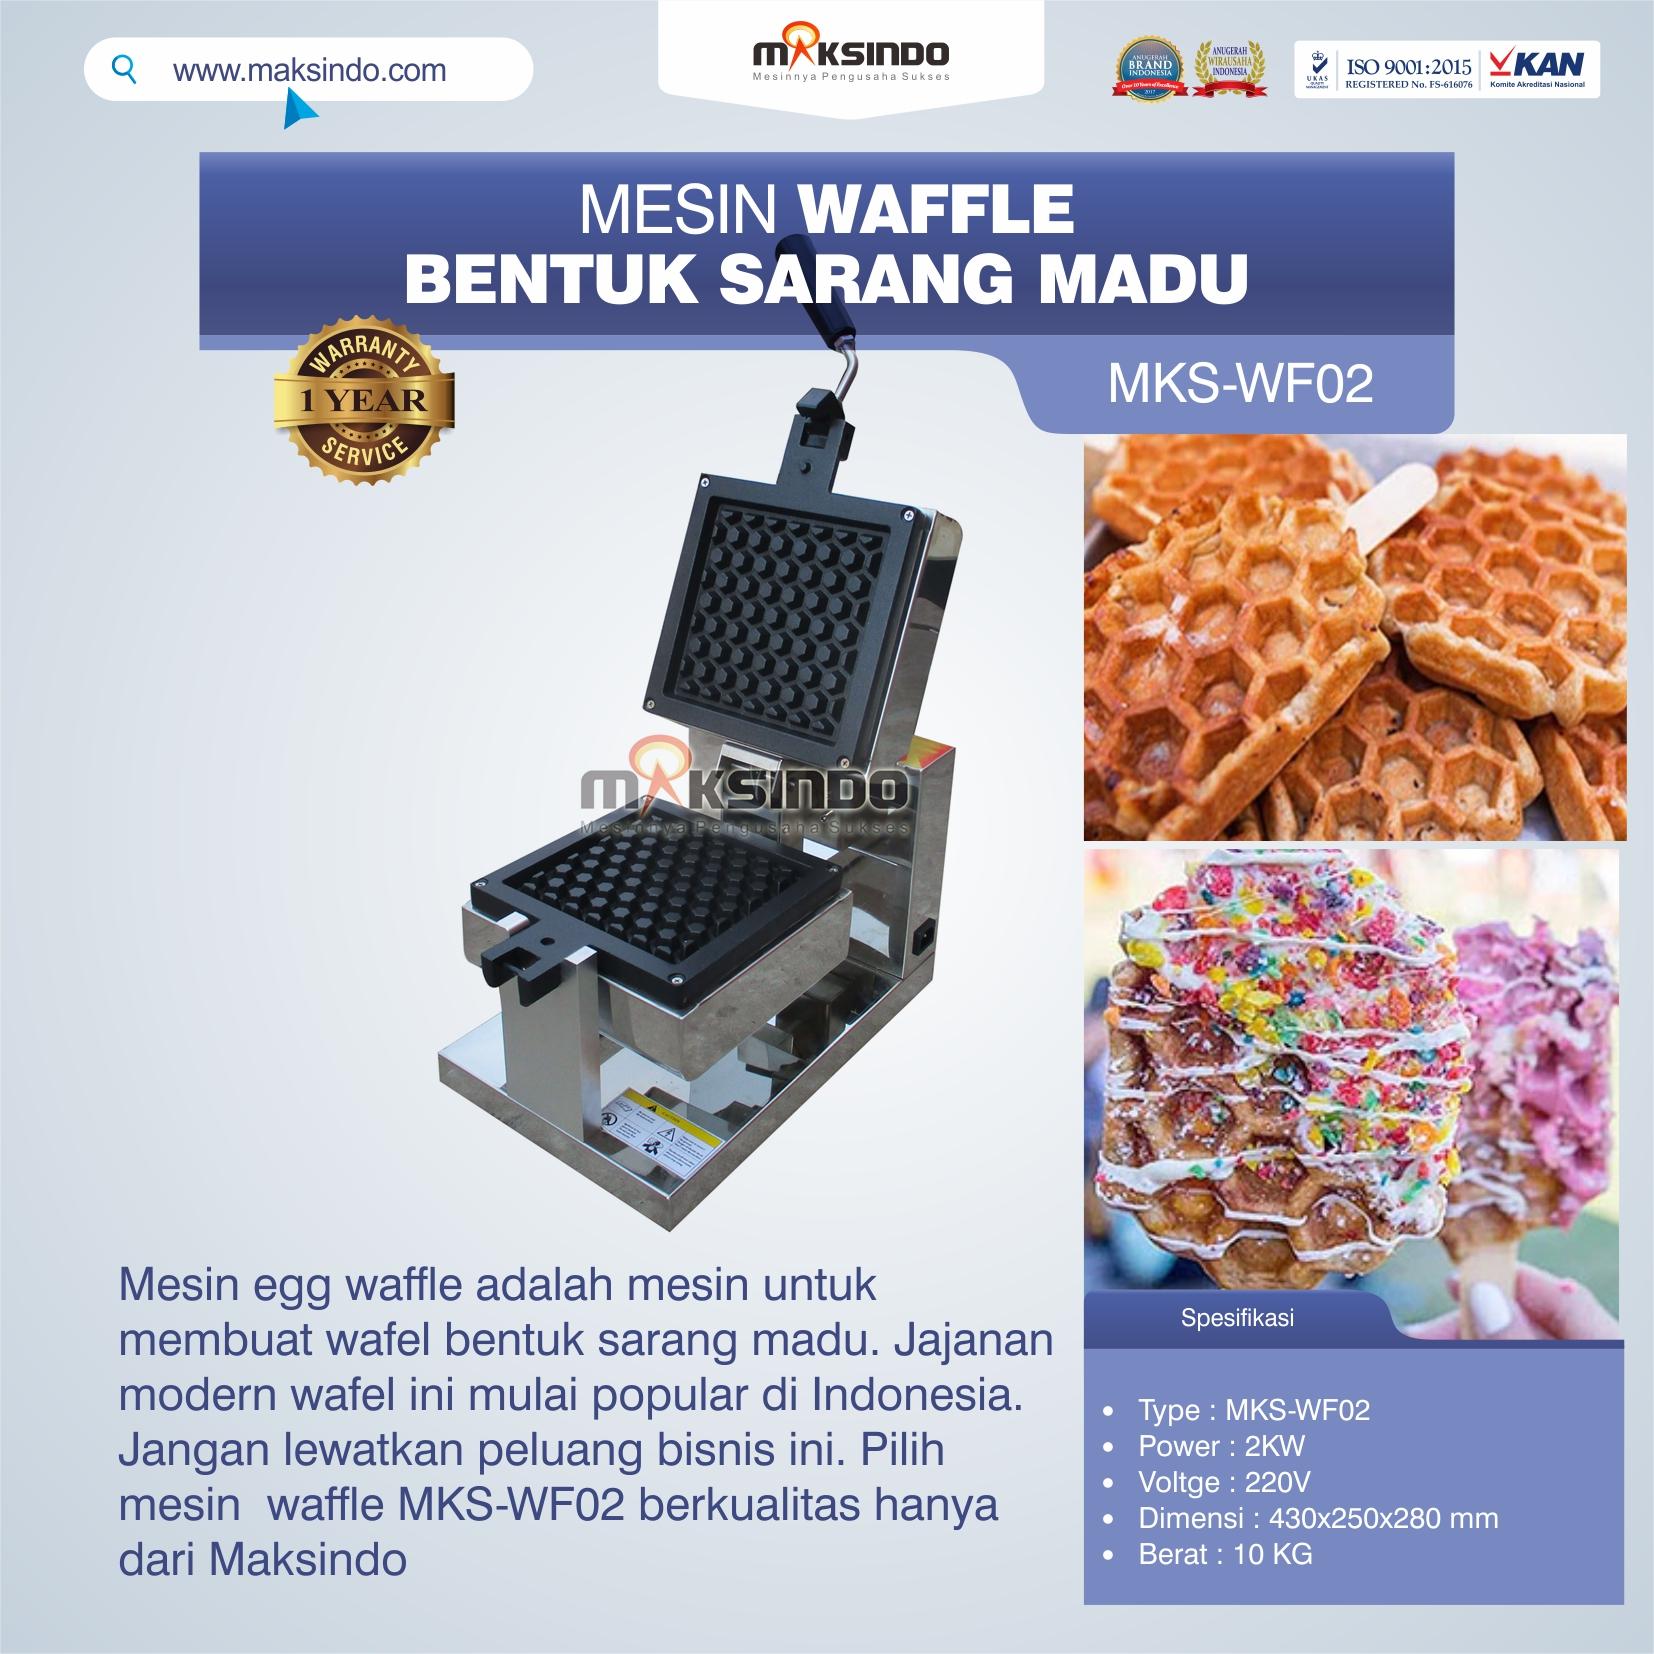 Jual Mesin Waffle Bentuk Sarang Madu MKS-WF02 di Solo